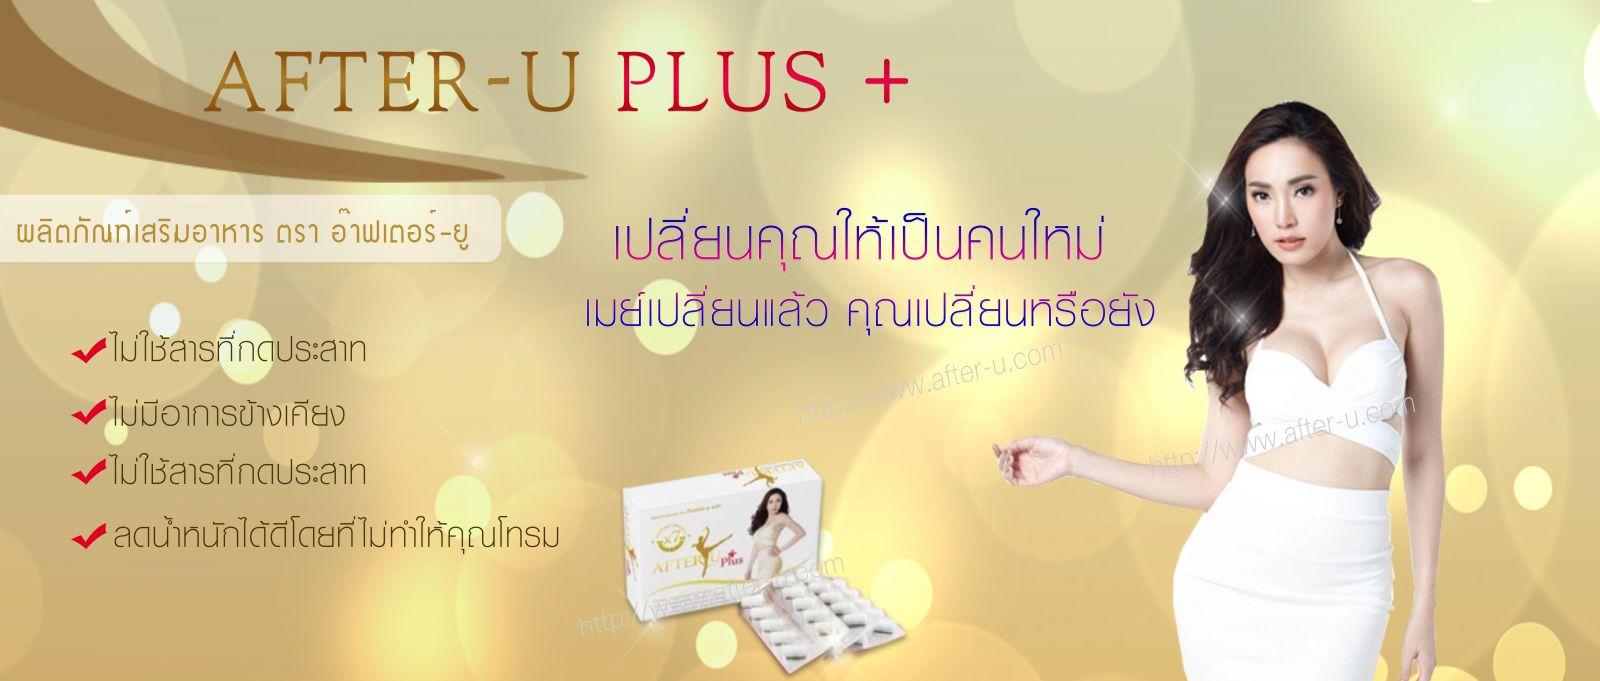 After-U Plus